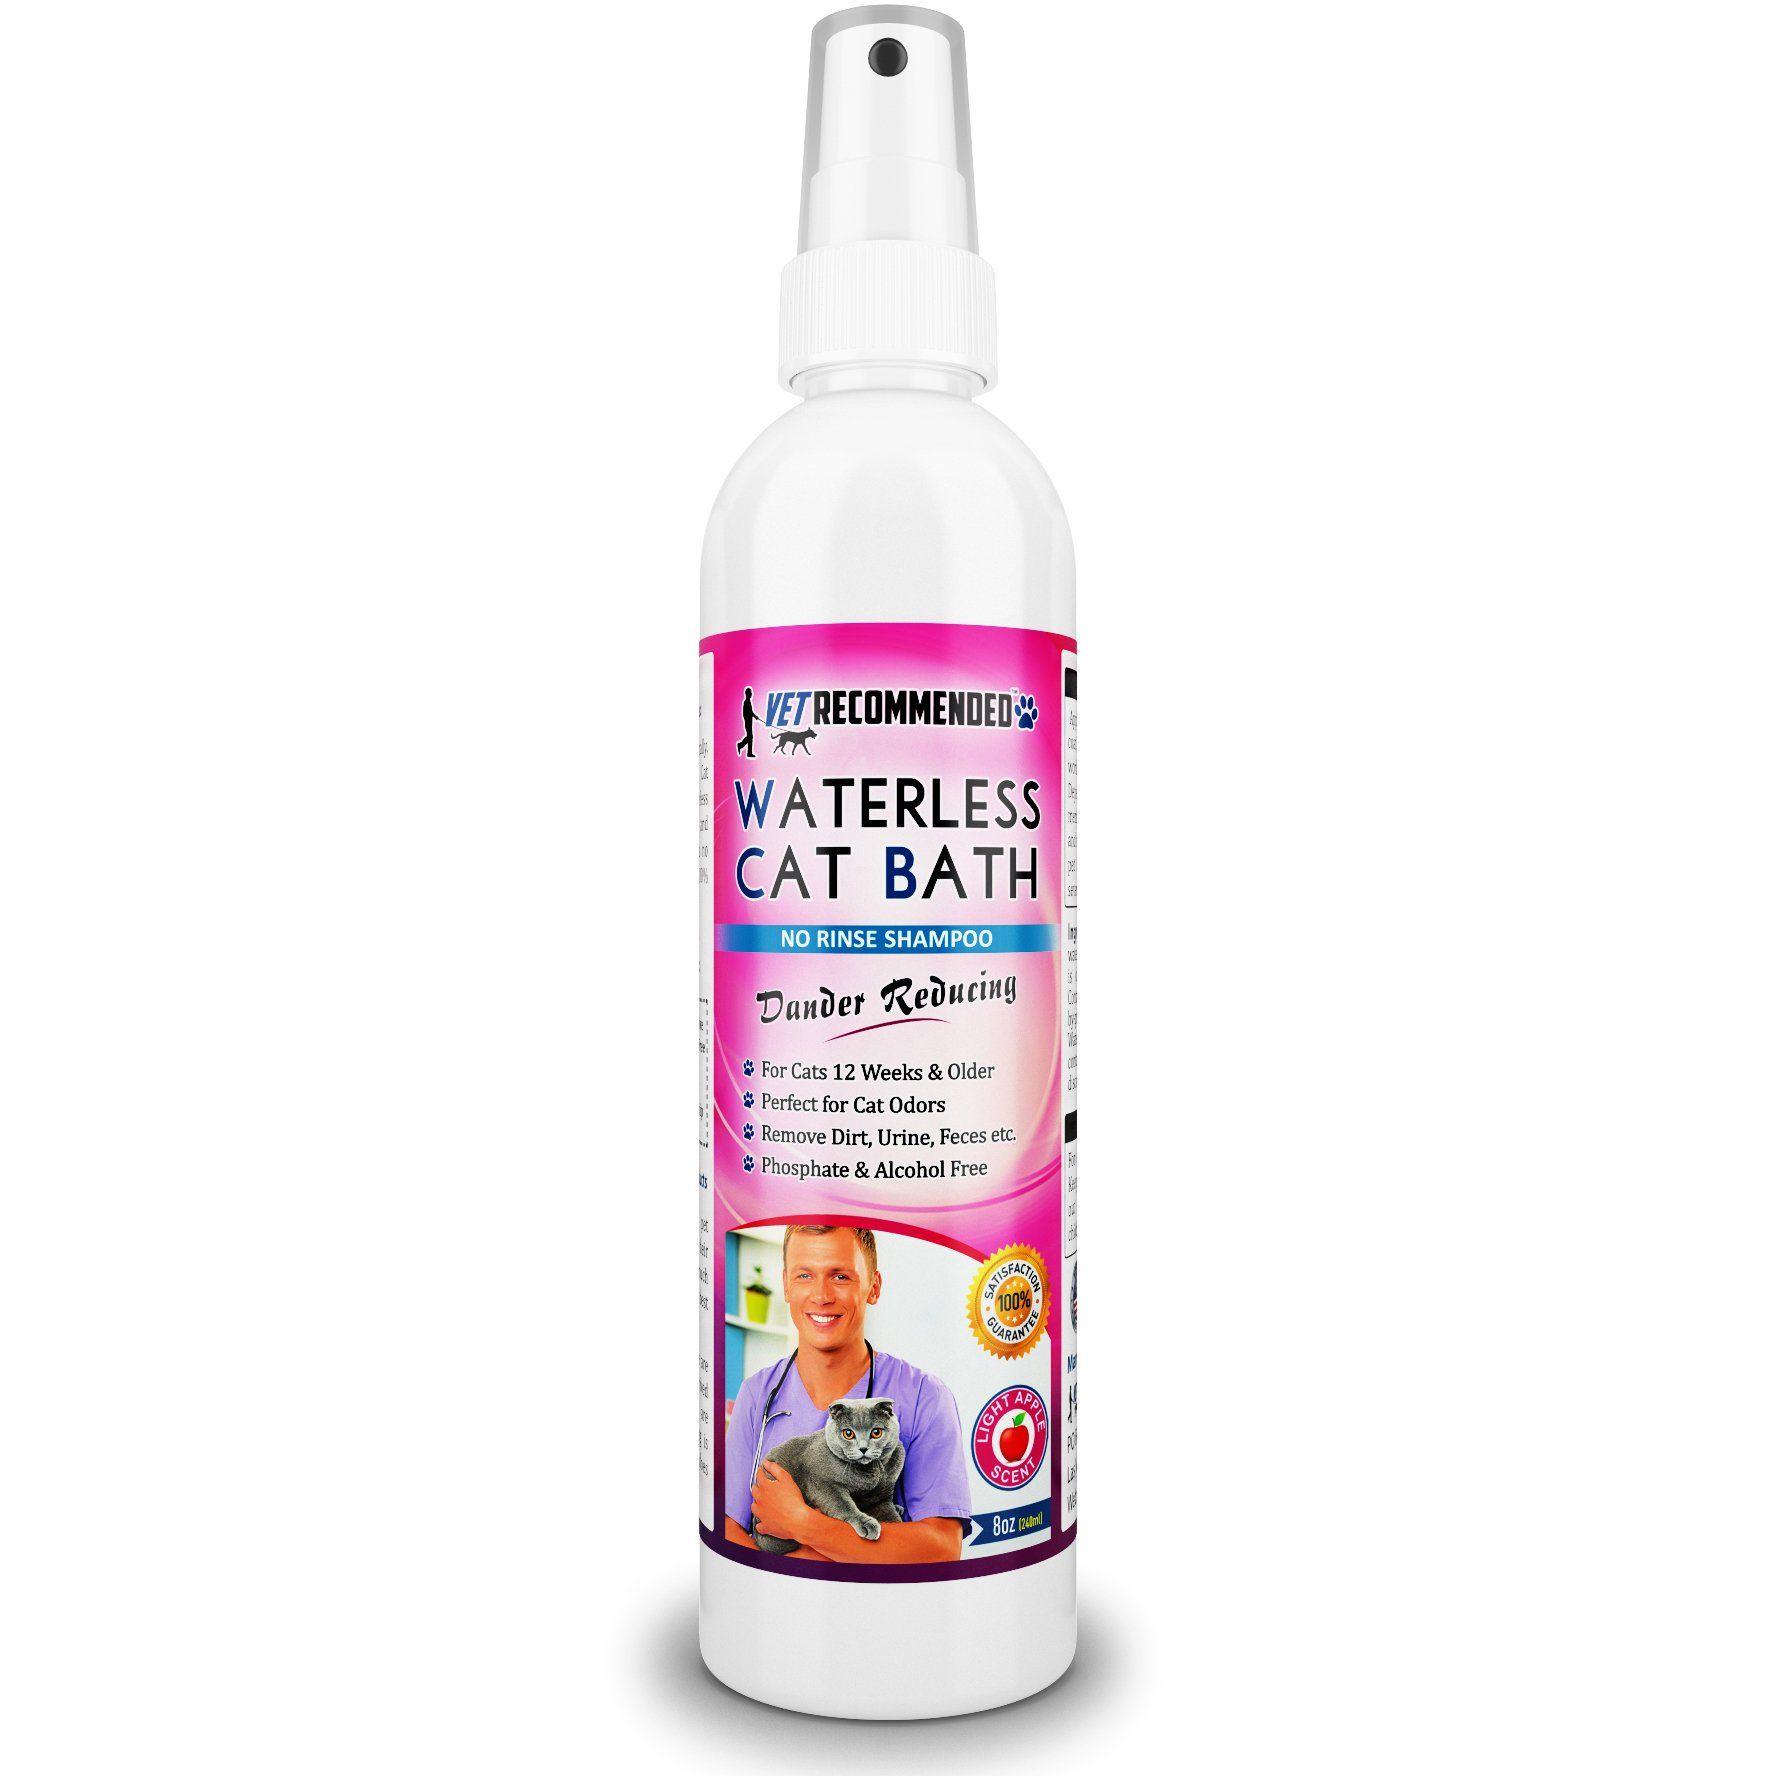 Vet NEW Waterless Cat Shampoo Detergent and